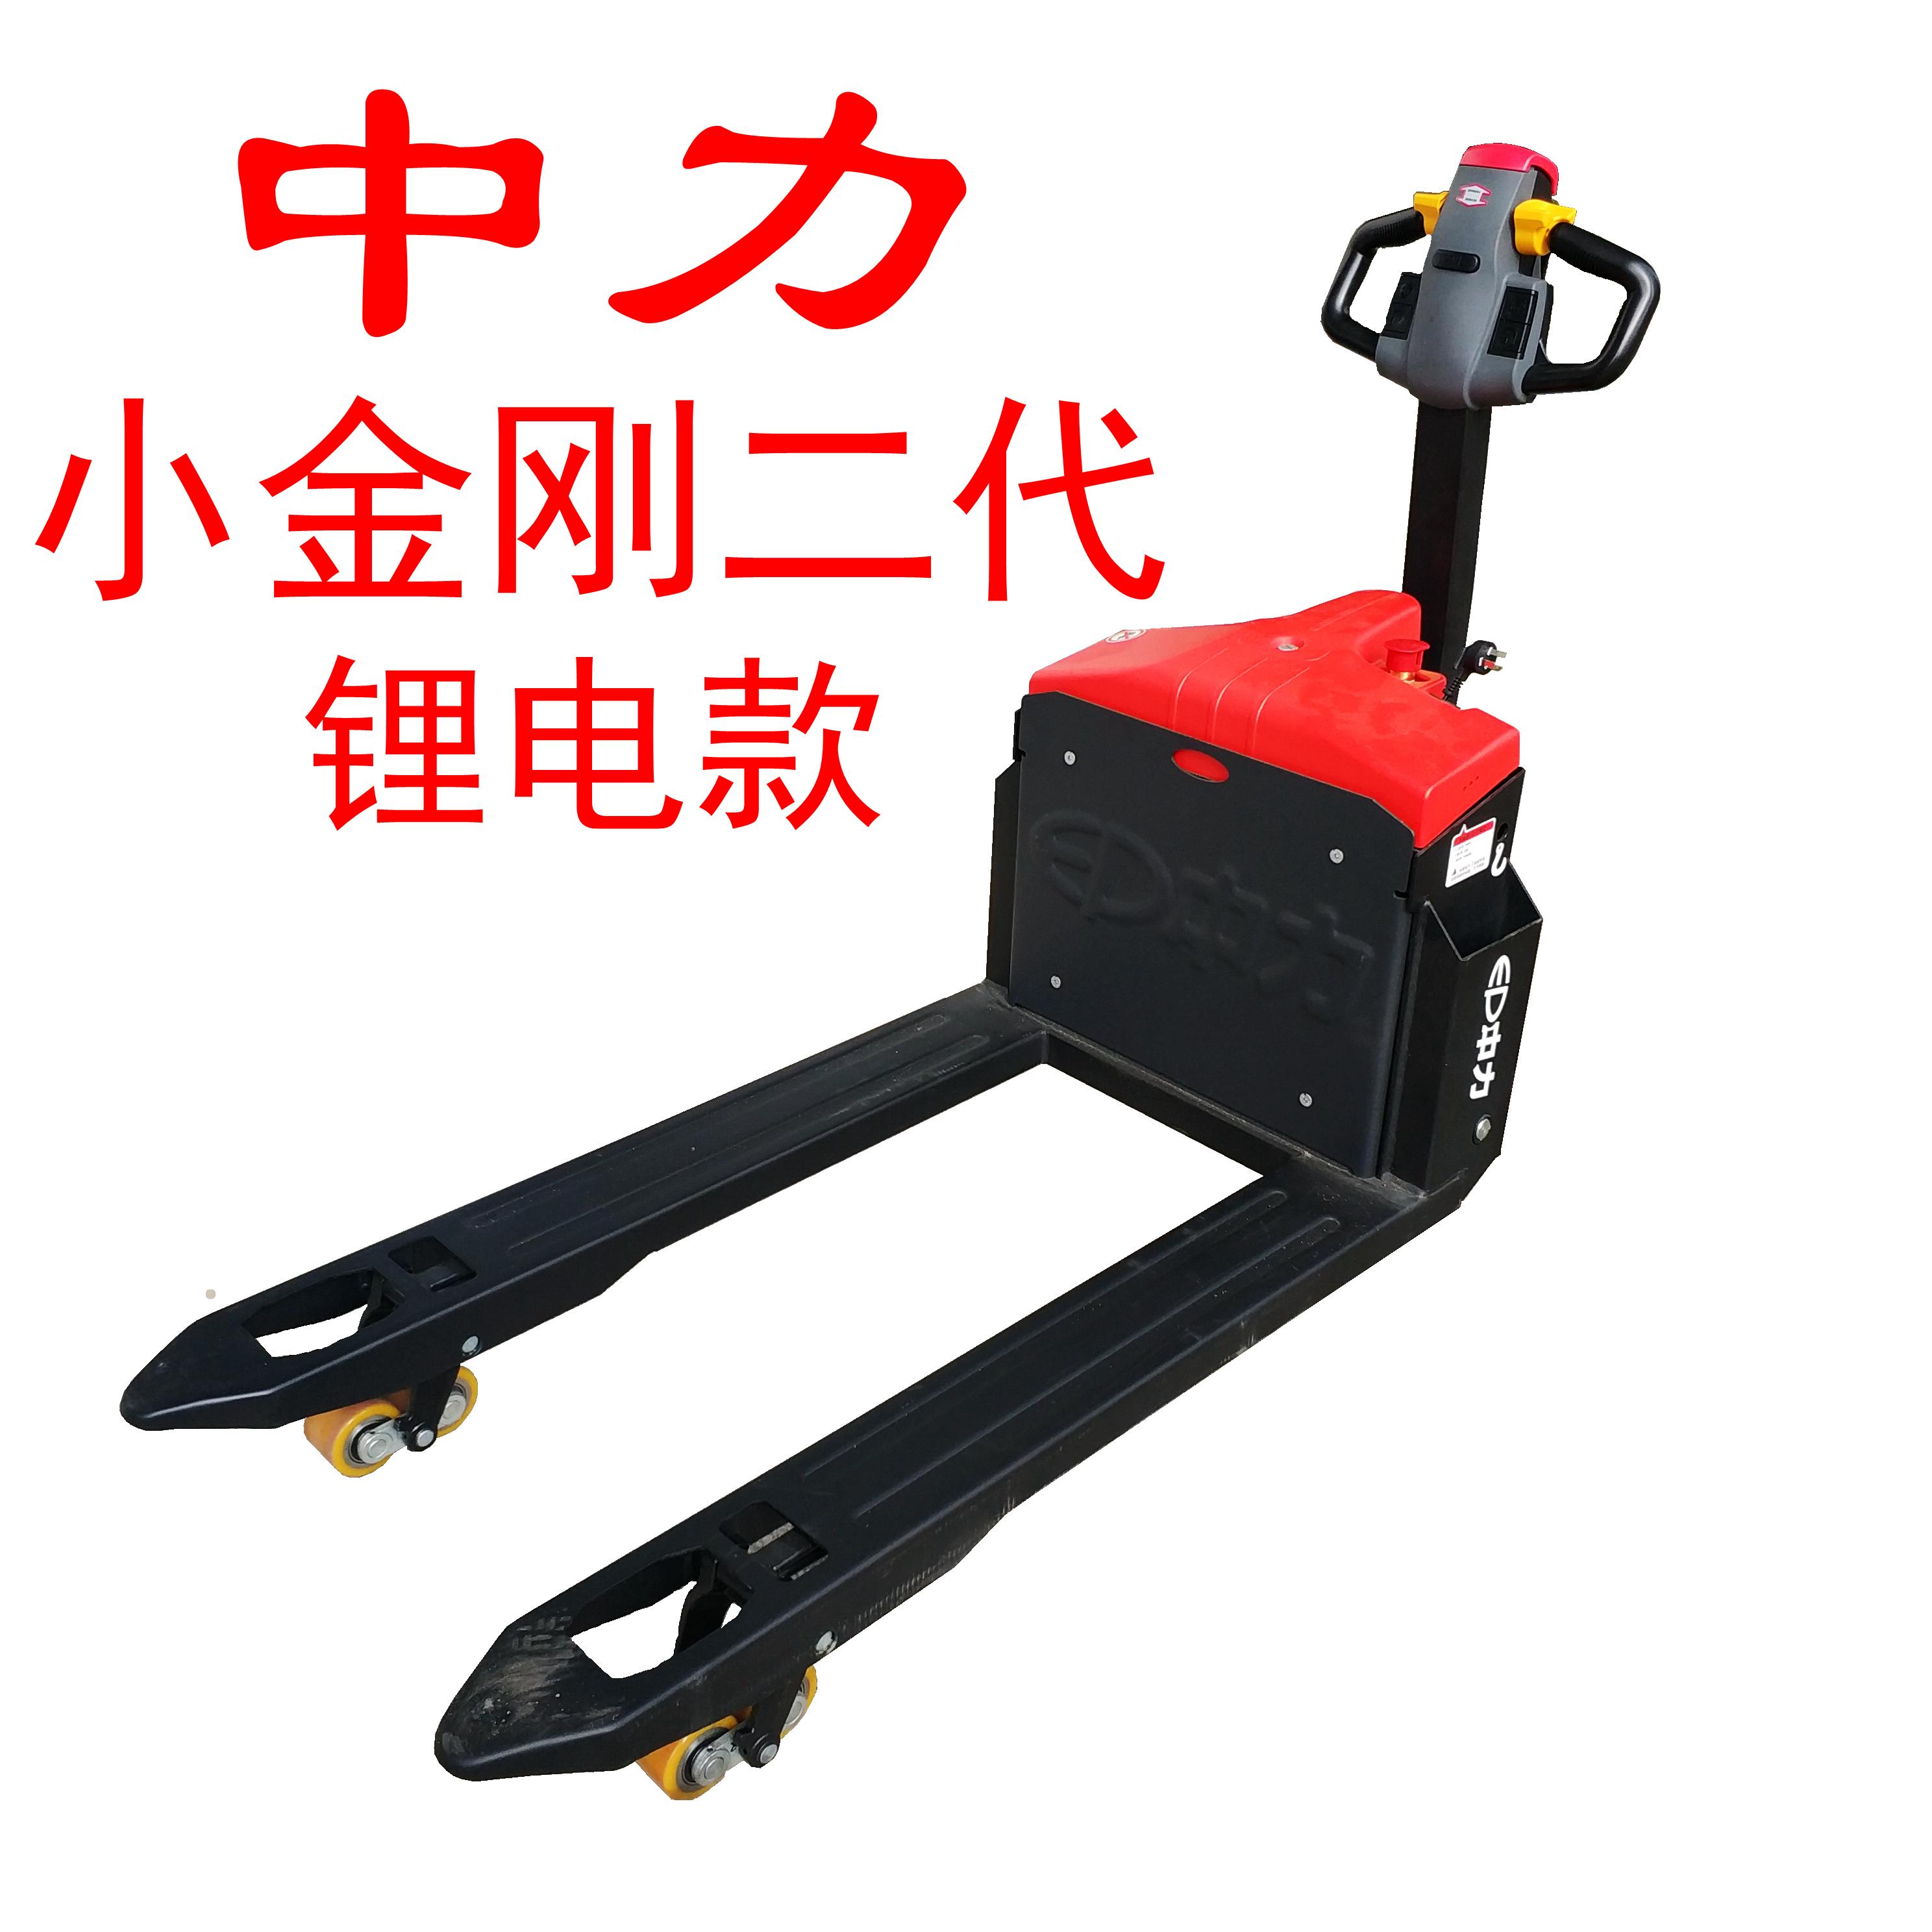 中力电动叉车 中力全电动叉车价格图片图片大全 - 中国供应商